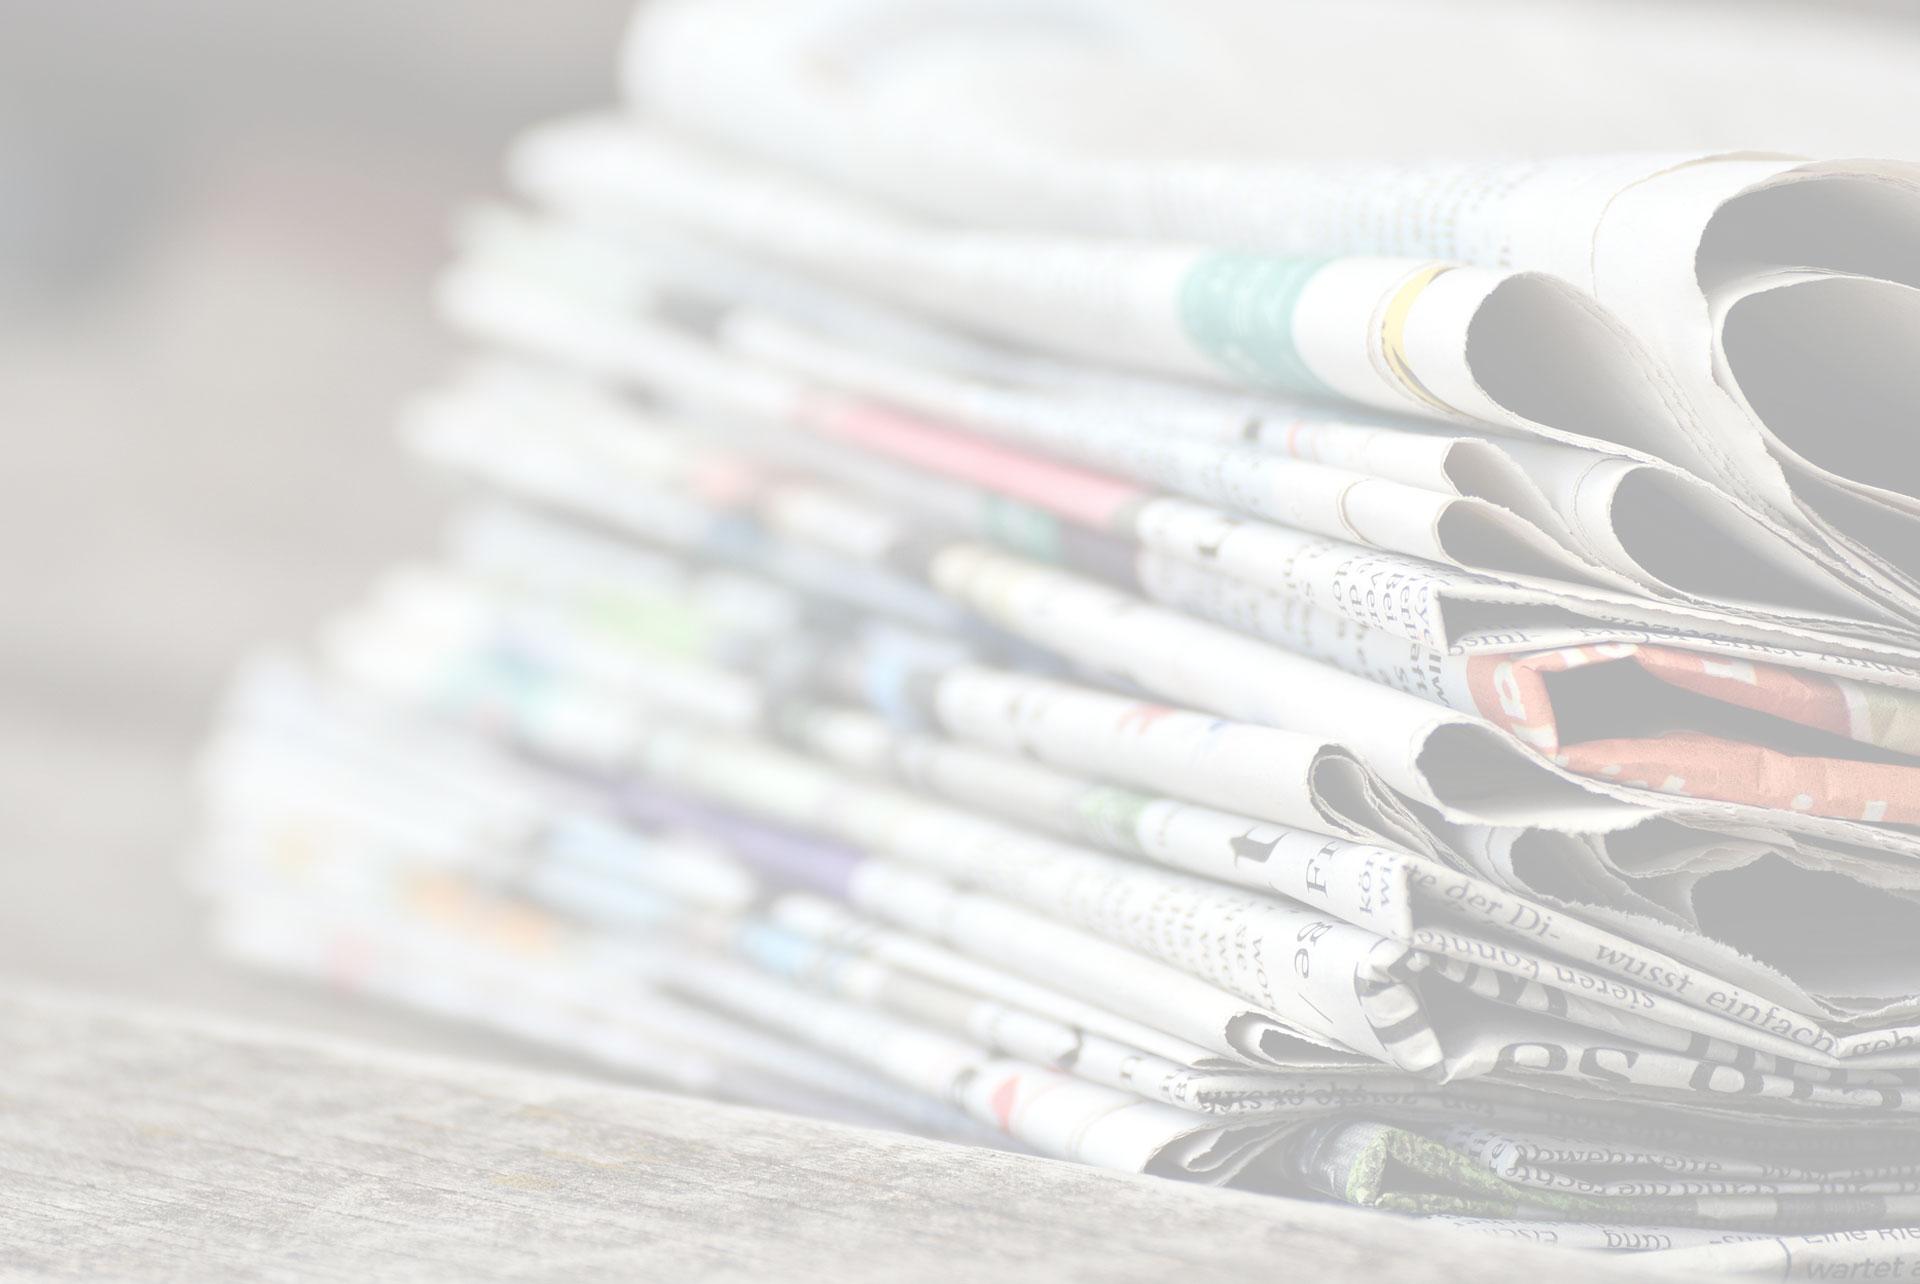 Giuseppe Uva